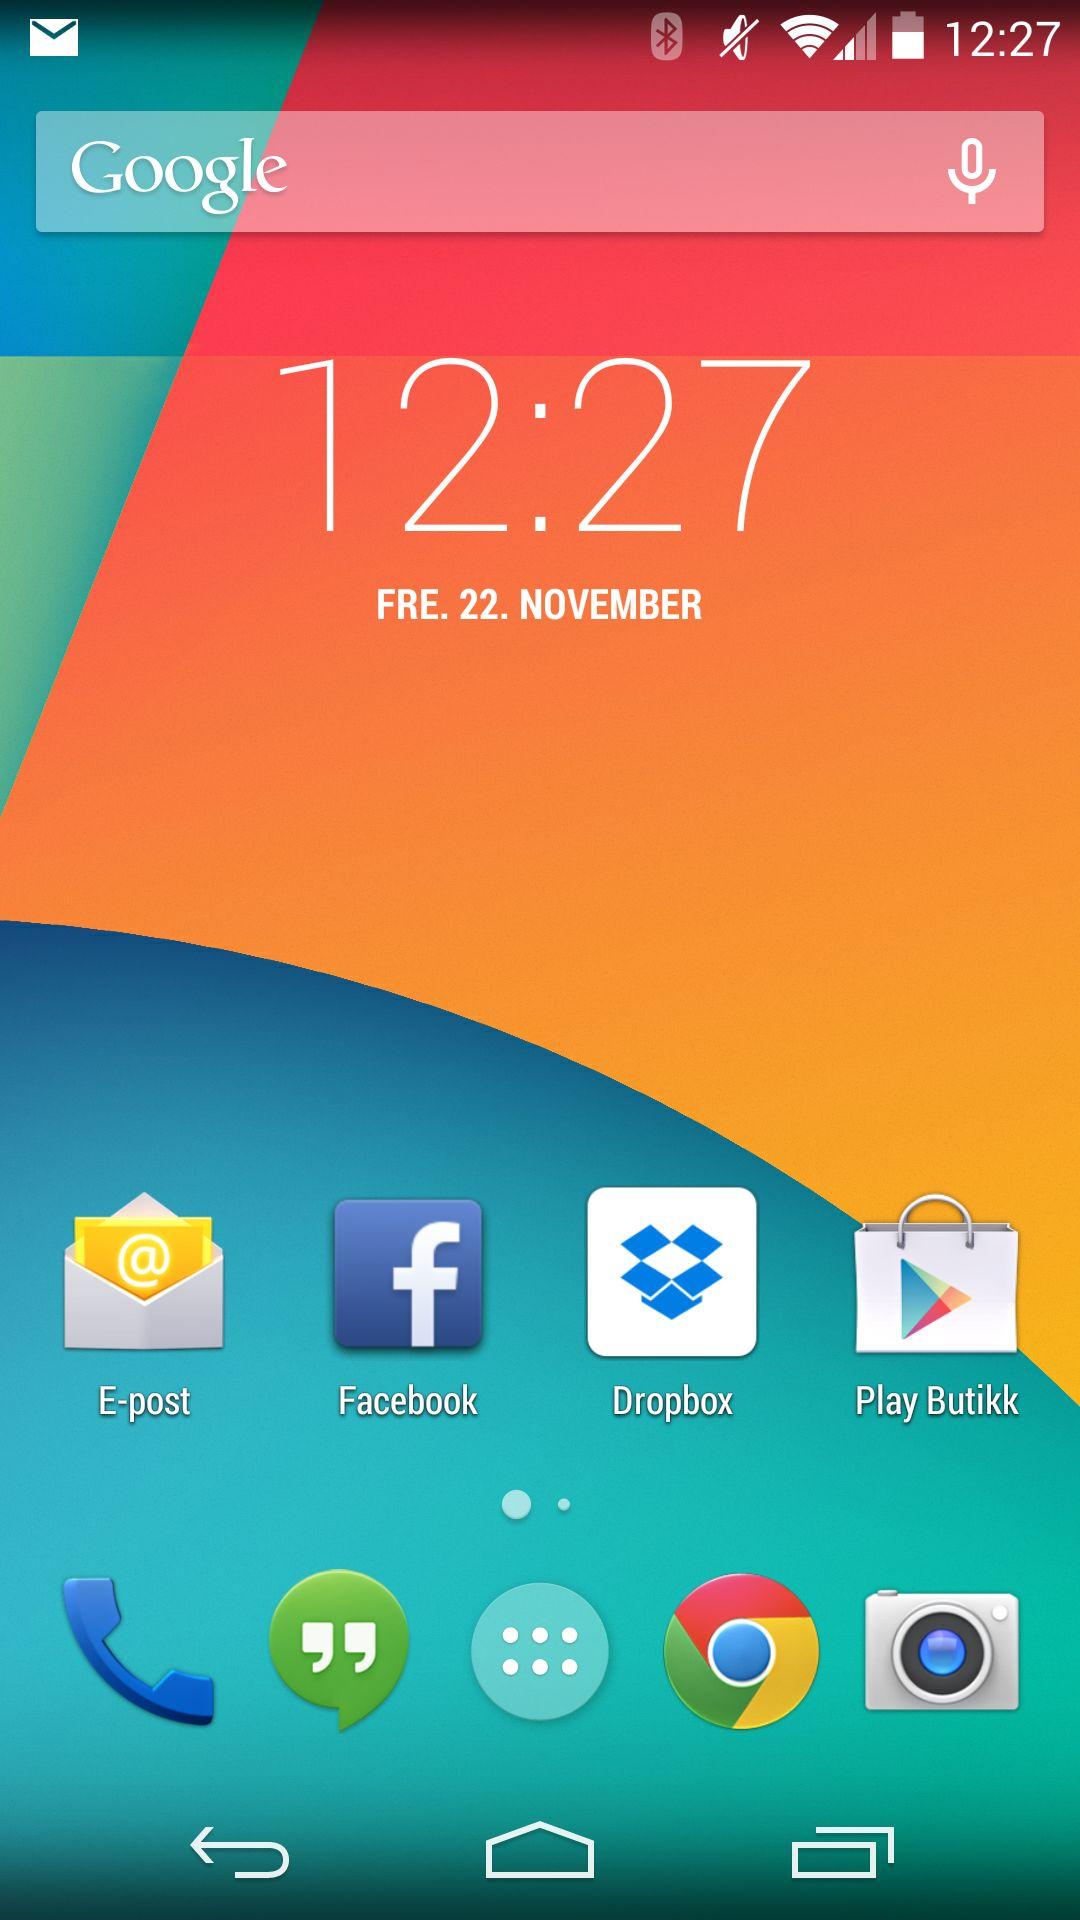 Android 4.4 har fått et hakk friskere design enn tidligere utgaver.Foto: Finn Jarle Kvalheim, Amobil.no